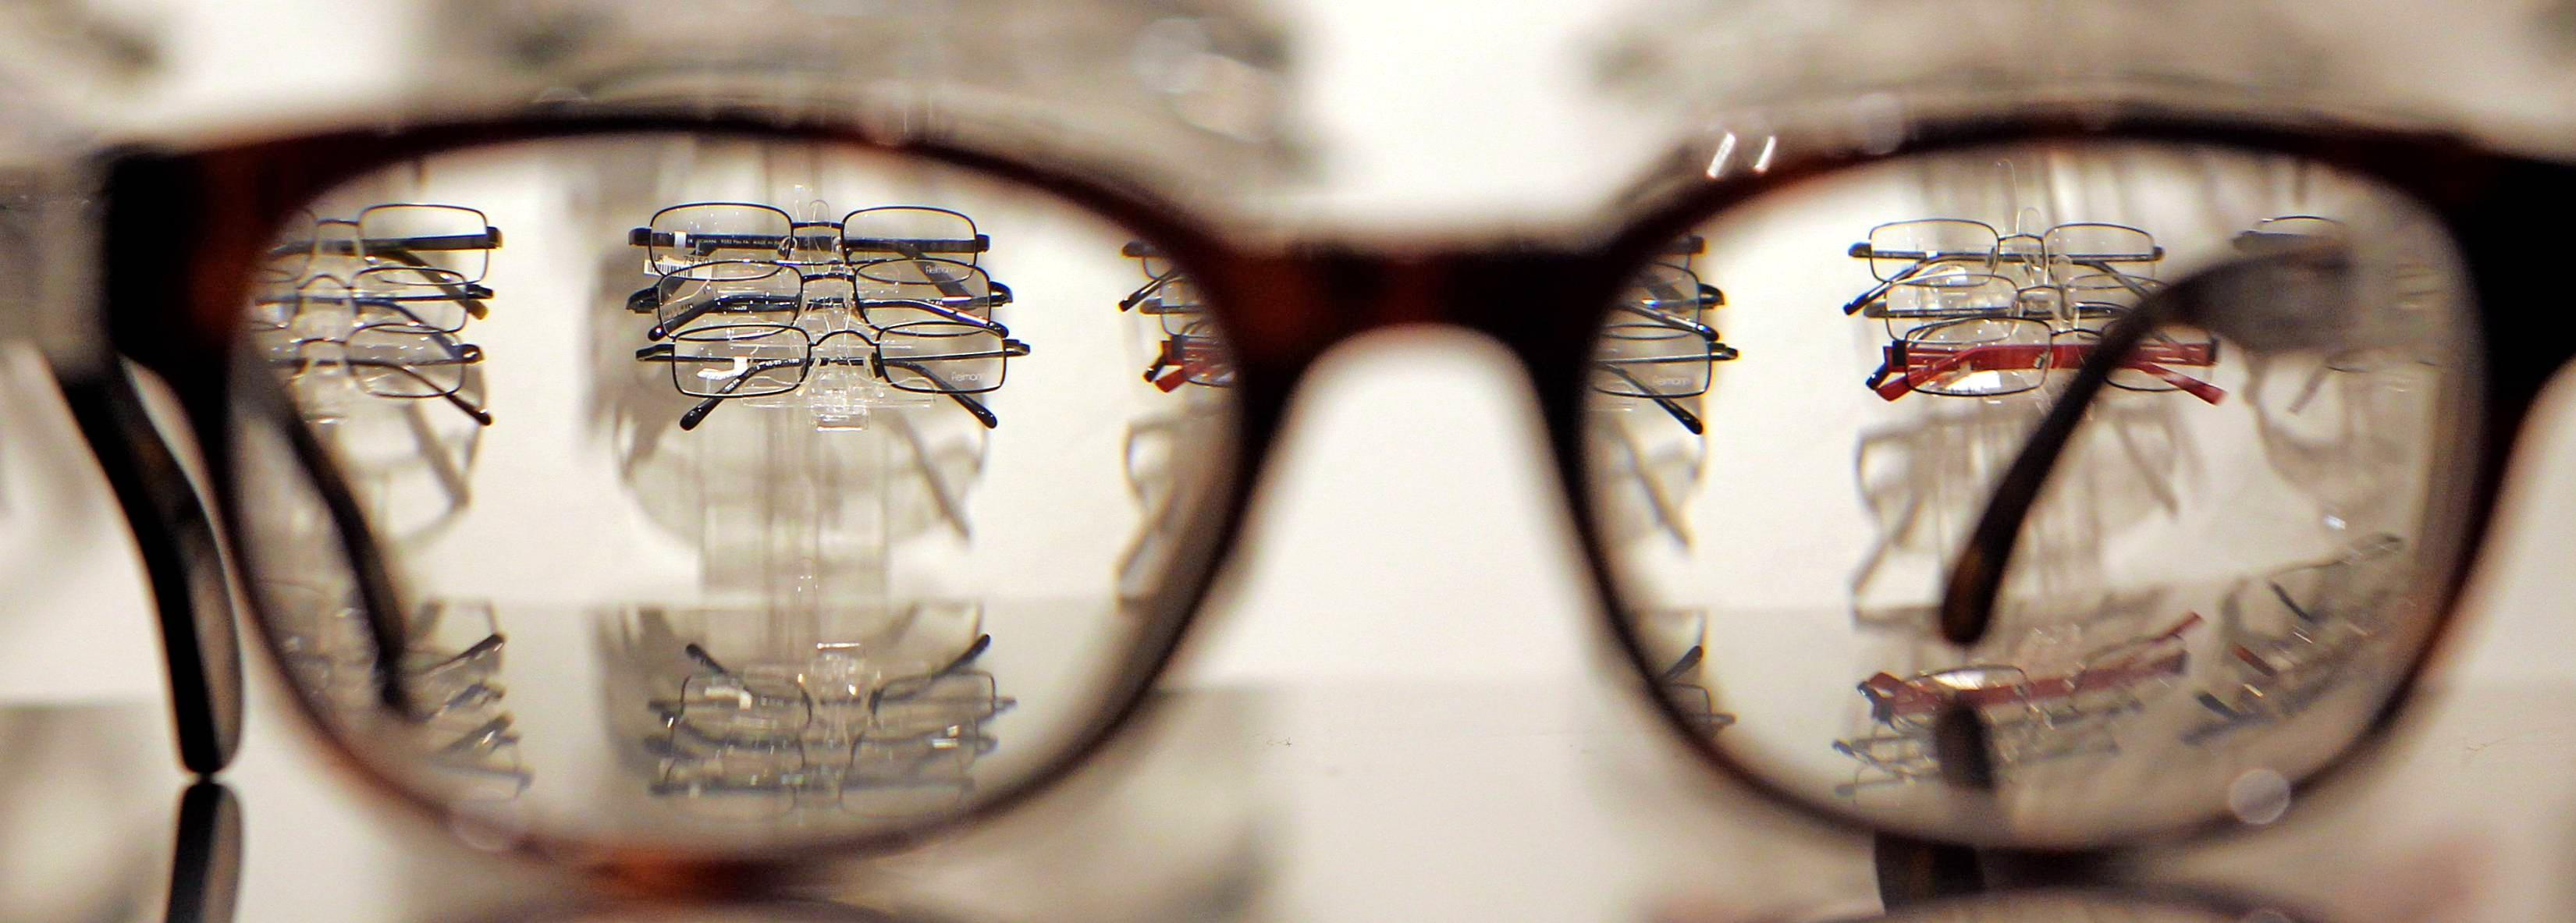 Optiker sorgen auch in Zeiten von Corona dafür, dass ihre Kunden den Durchblick bewahren – sei es, dass Reparaturen an der Brille fällig sind oder Nachschub an Kontaktlinsen benötigt wird. Foto: dpa